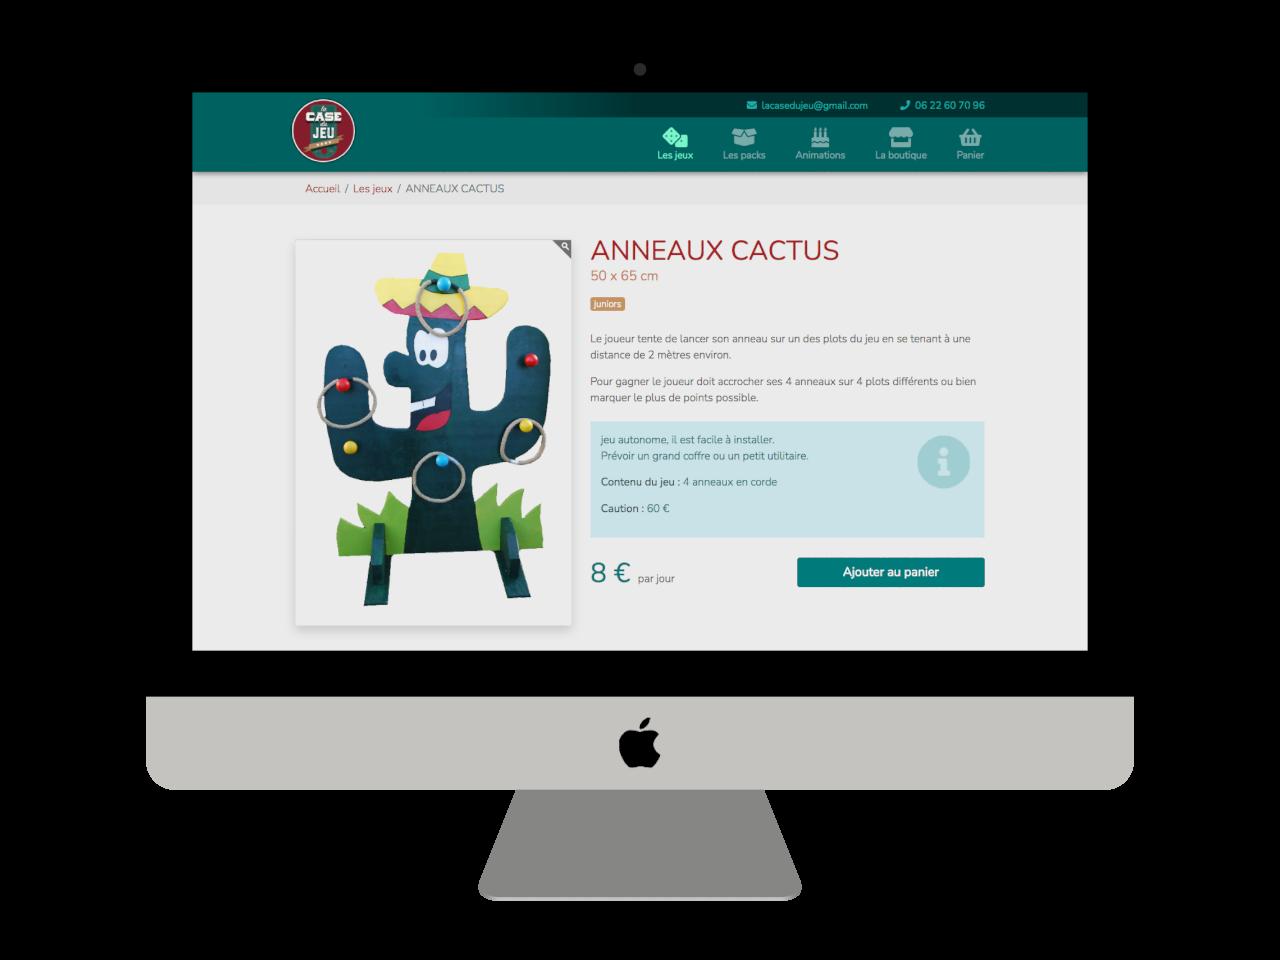 Micraux, nos clients sont nos meilleurs ambassadeurs : vue adaptative sur ordinateur à grand écran pour La Case Du Jeu